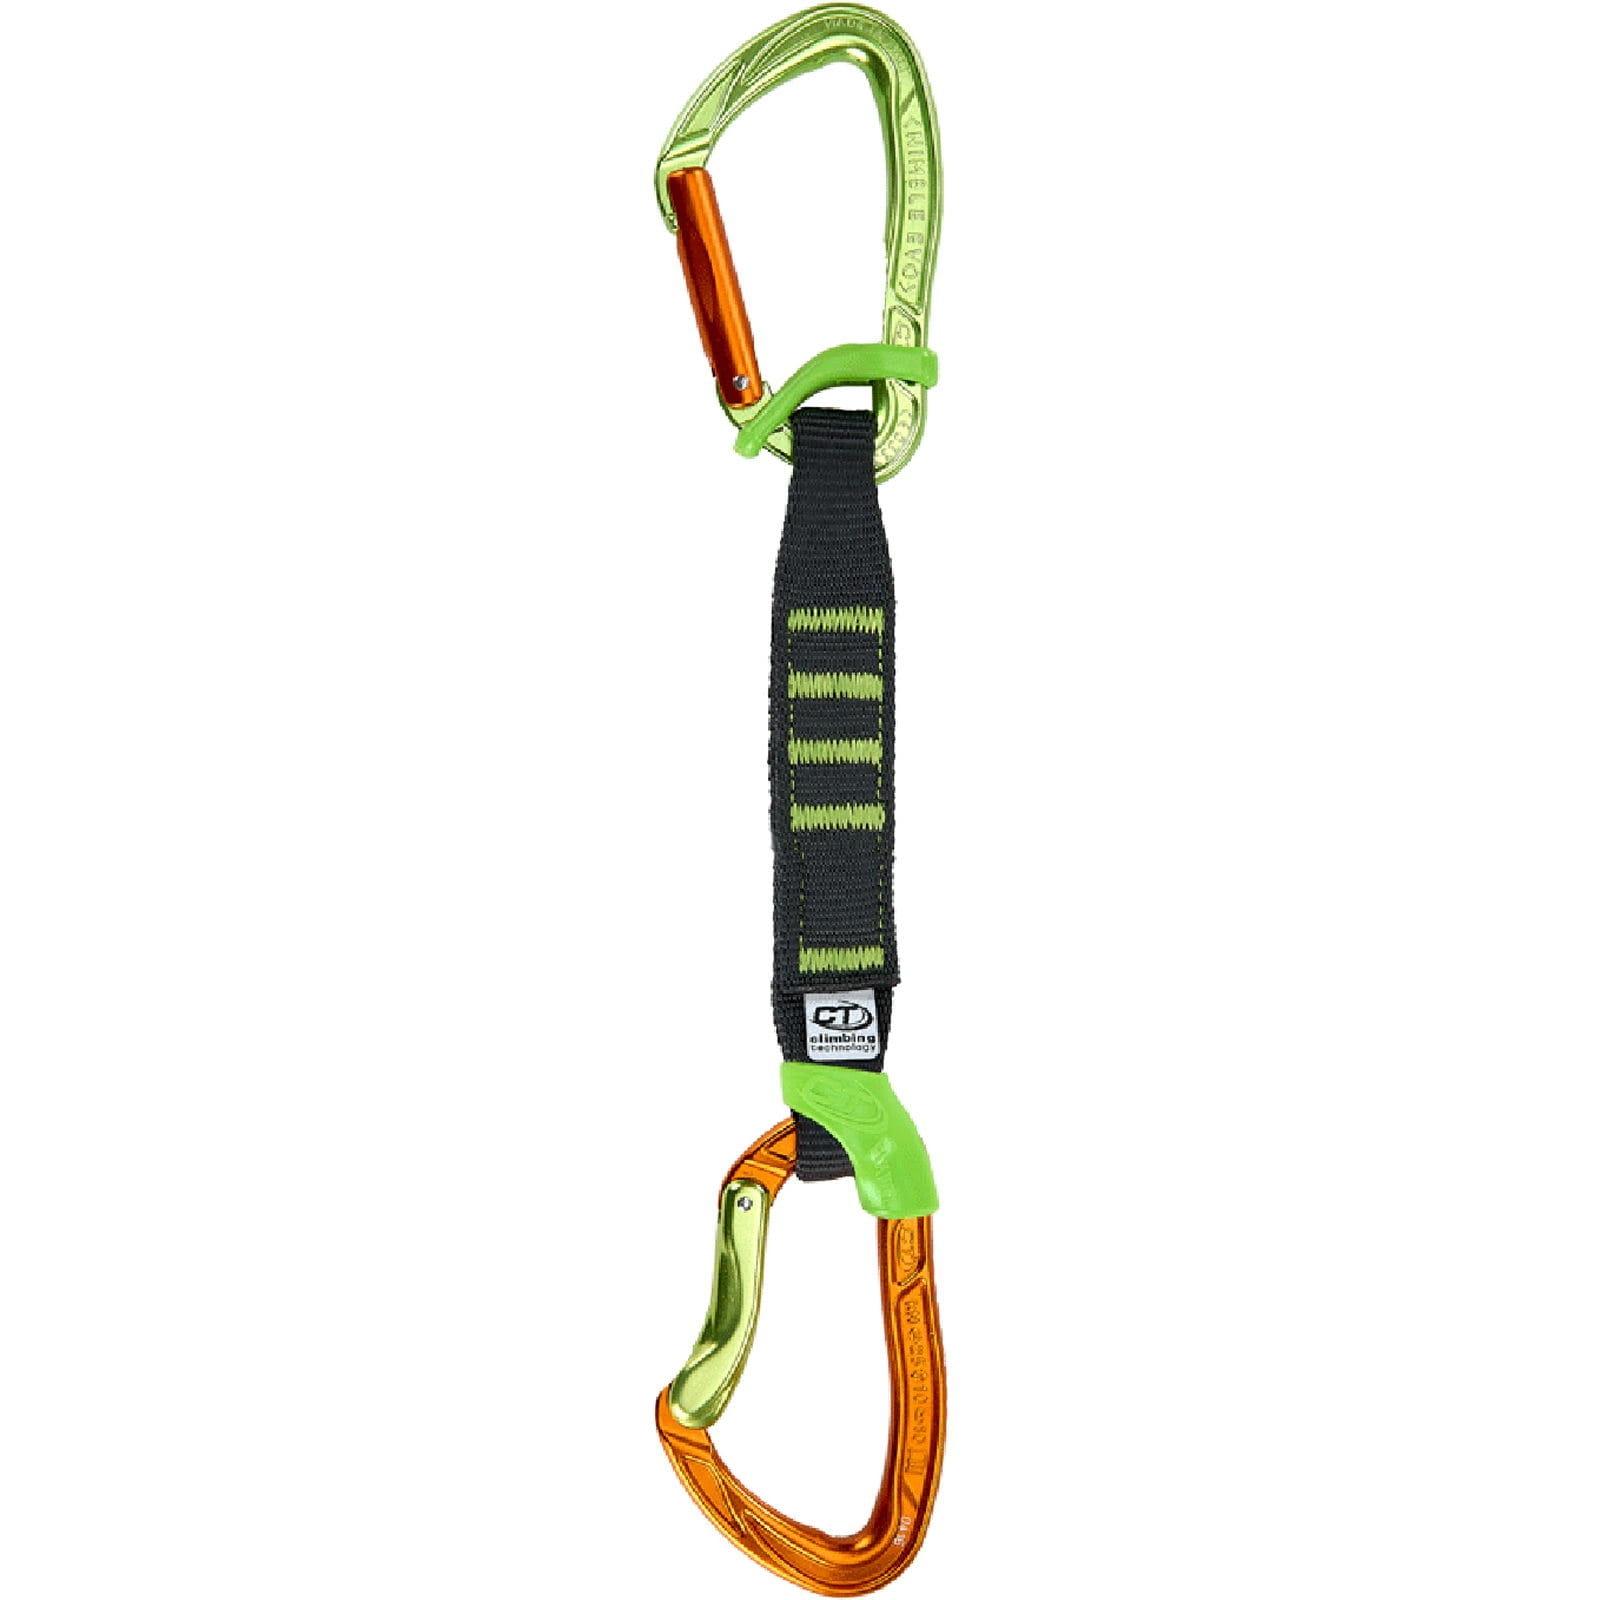 Climbing Technology Nimble Evo Pro Fixbar Set NY 12 cm - Express-Set - Bild 1